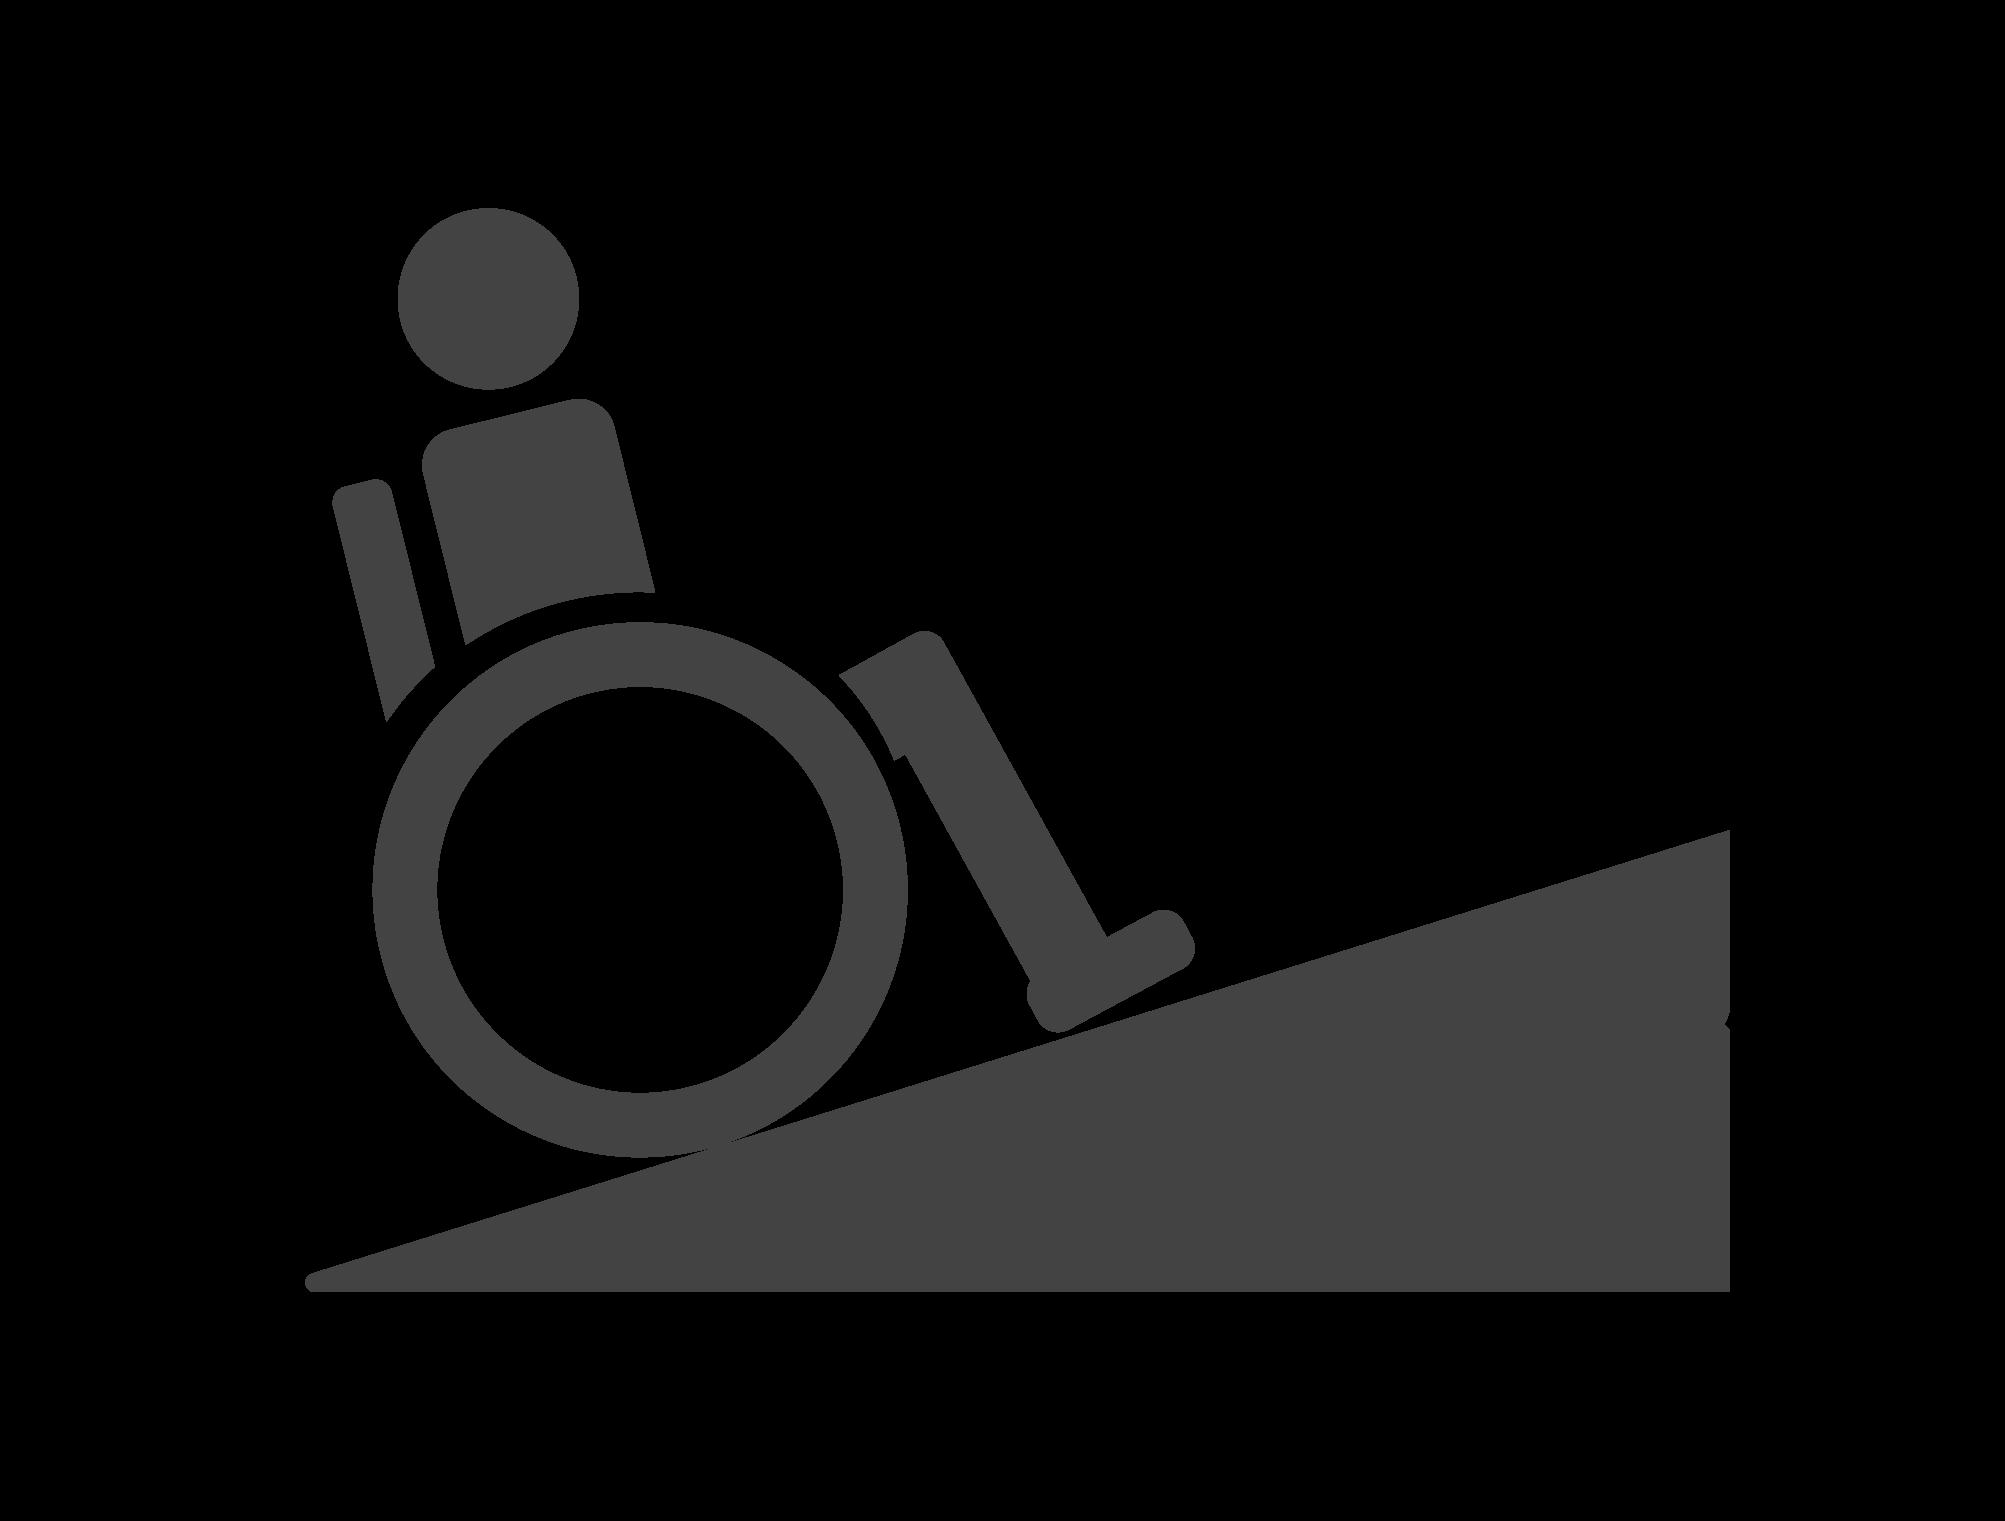 Ícone de uma pessoa apontando uma informação na lousa.